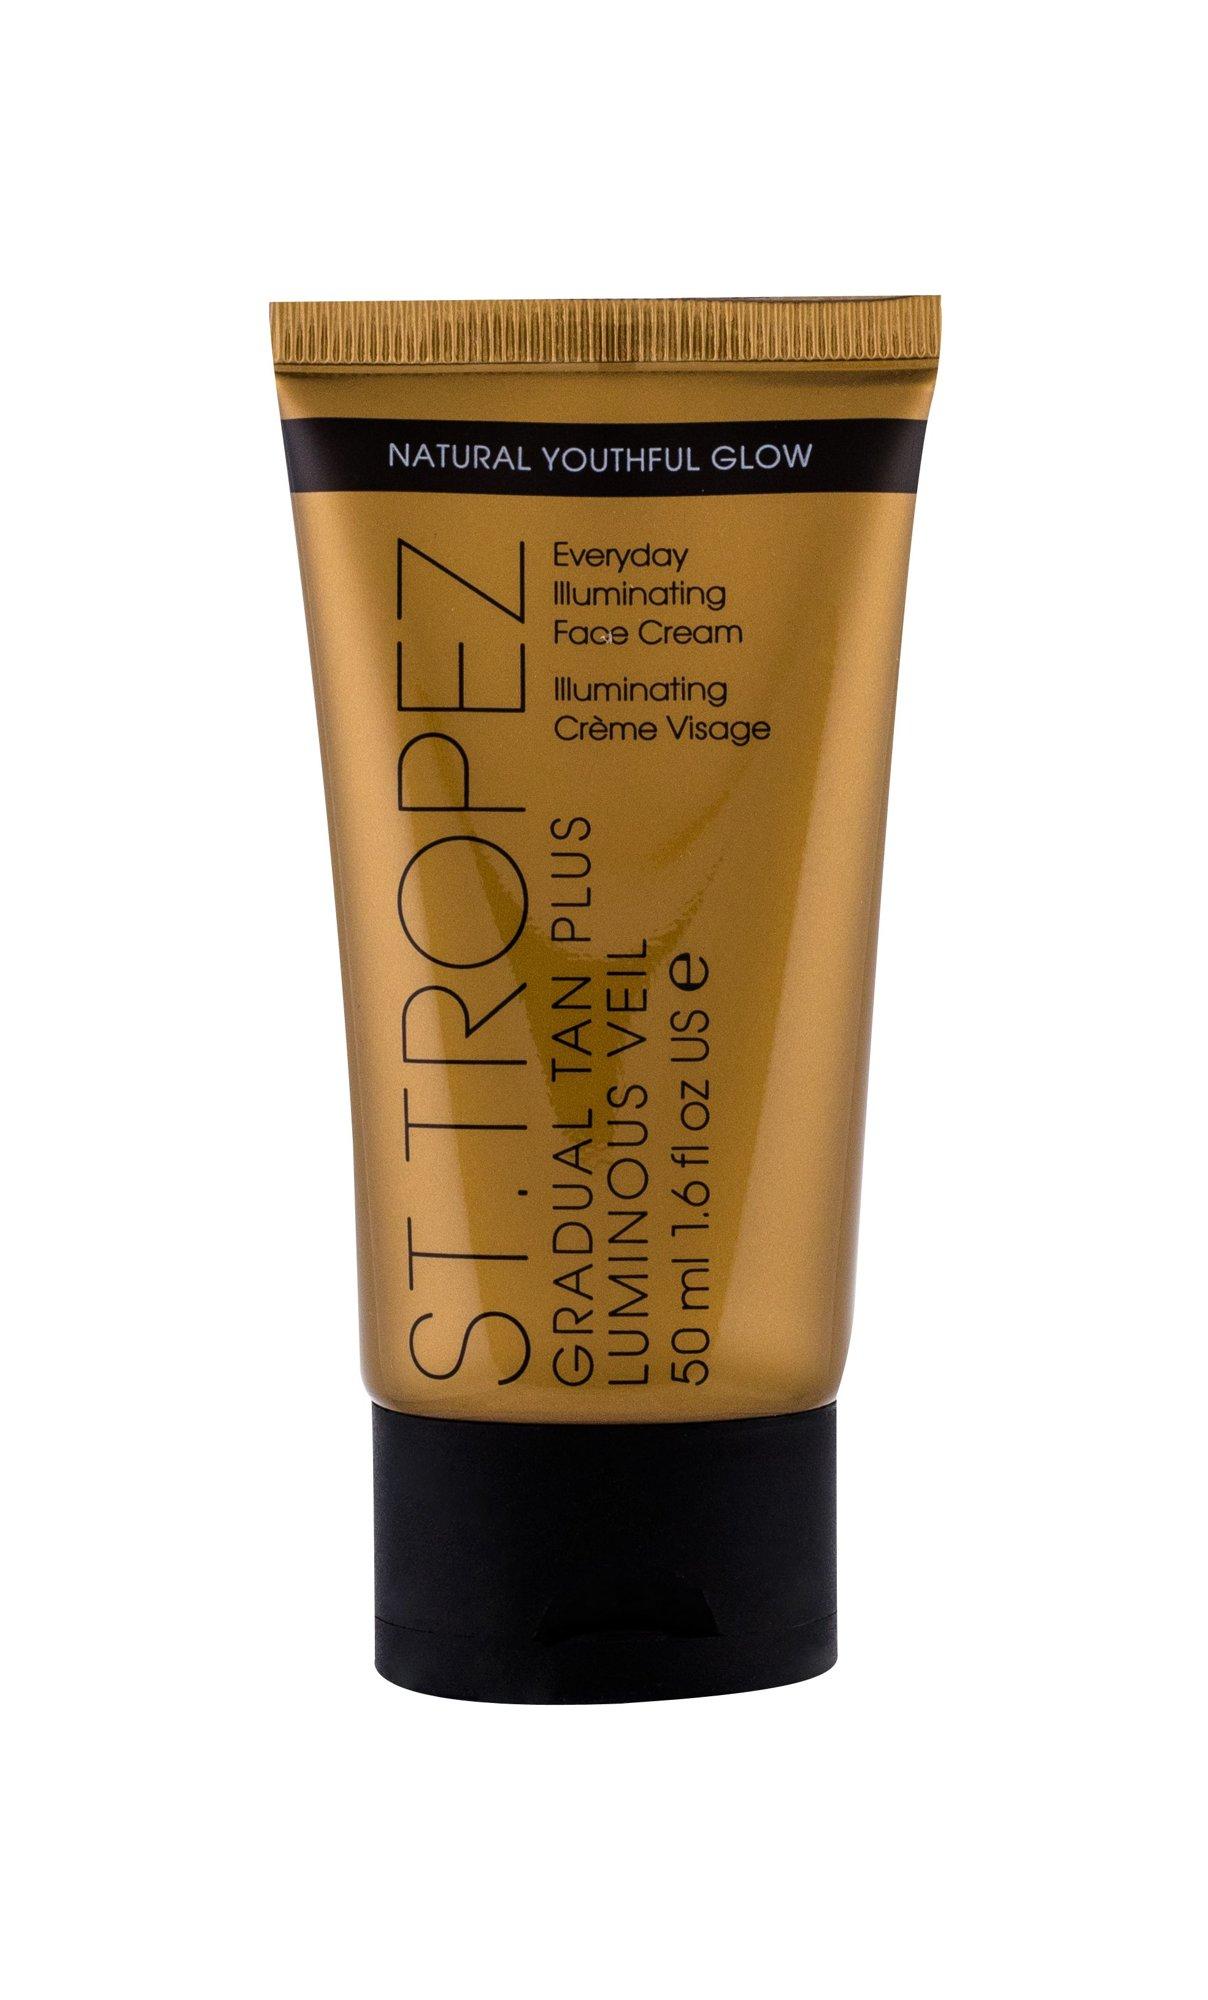 St.Tropez Gradual Tan Self Tanning Product 50ml